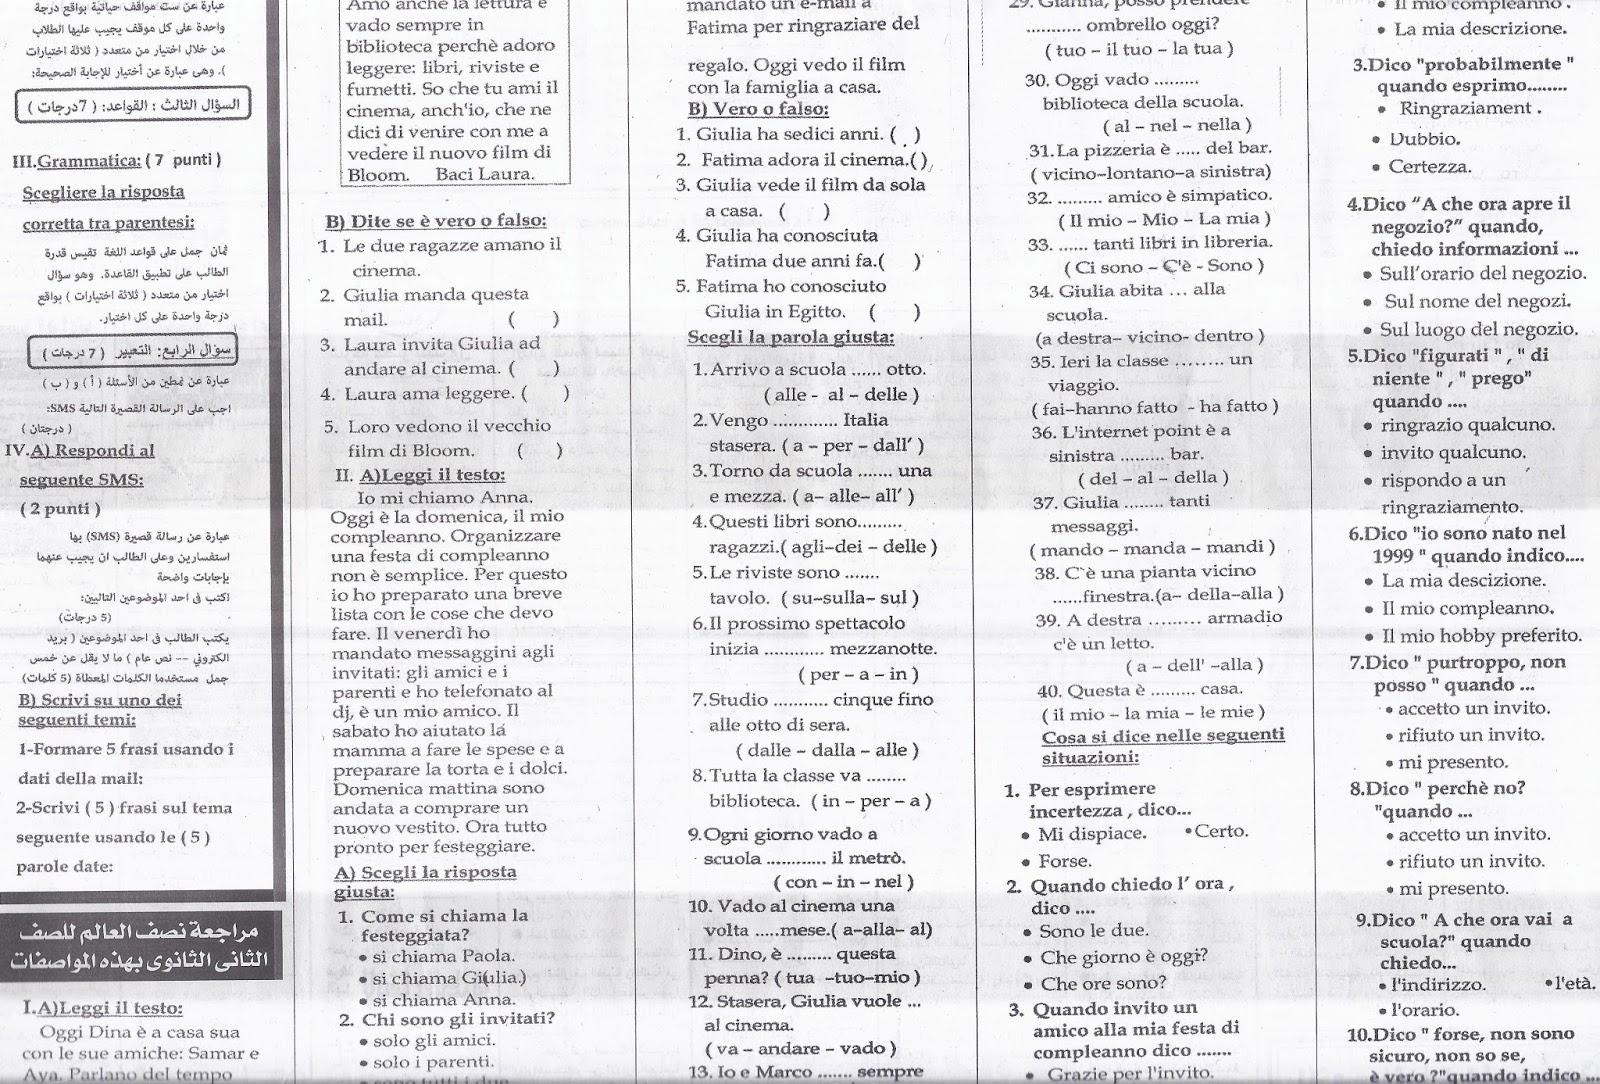 """ملحق الجمهورية"""" ينشر المواصفات الفنية الجديدة لورقة امتحان اللغة الايطالية لـ 2 ثانوي + نماذج علية Scan0004"""